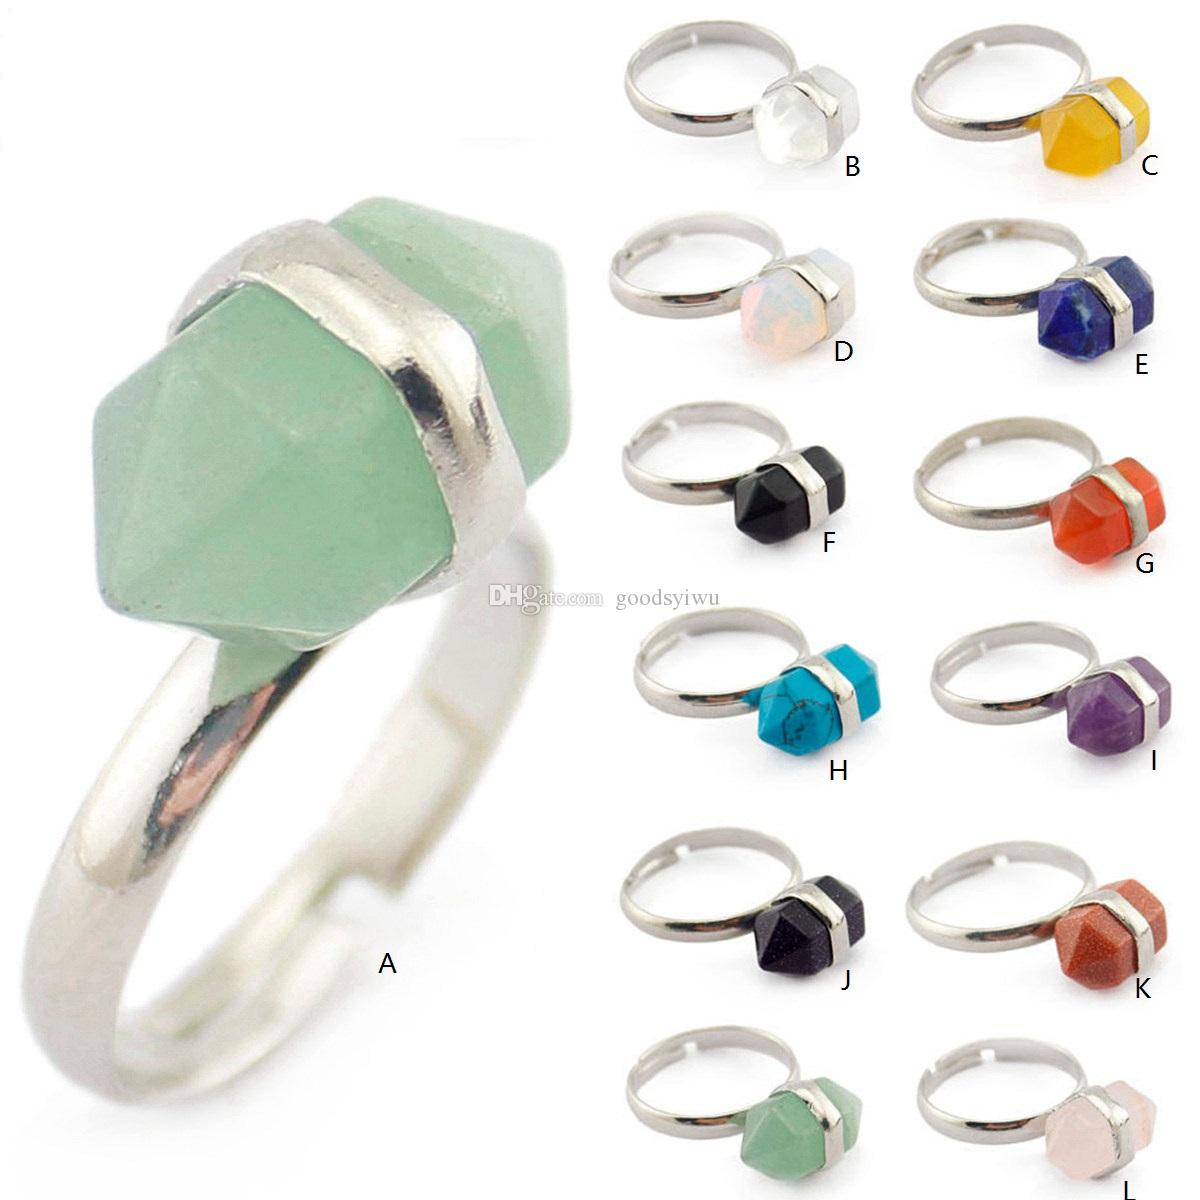 Мода природные короткие Кристалл шестиугольник Призма камень кольцо кварцевые исцеление чакра драгоценный камень кольца Богемия Открытие ювелирные изделия для женщин